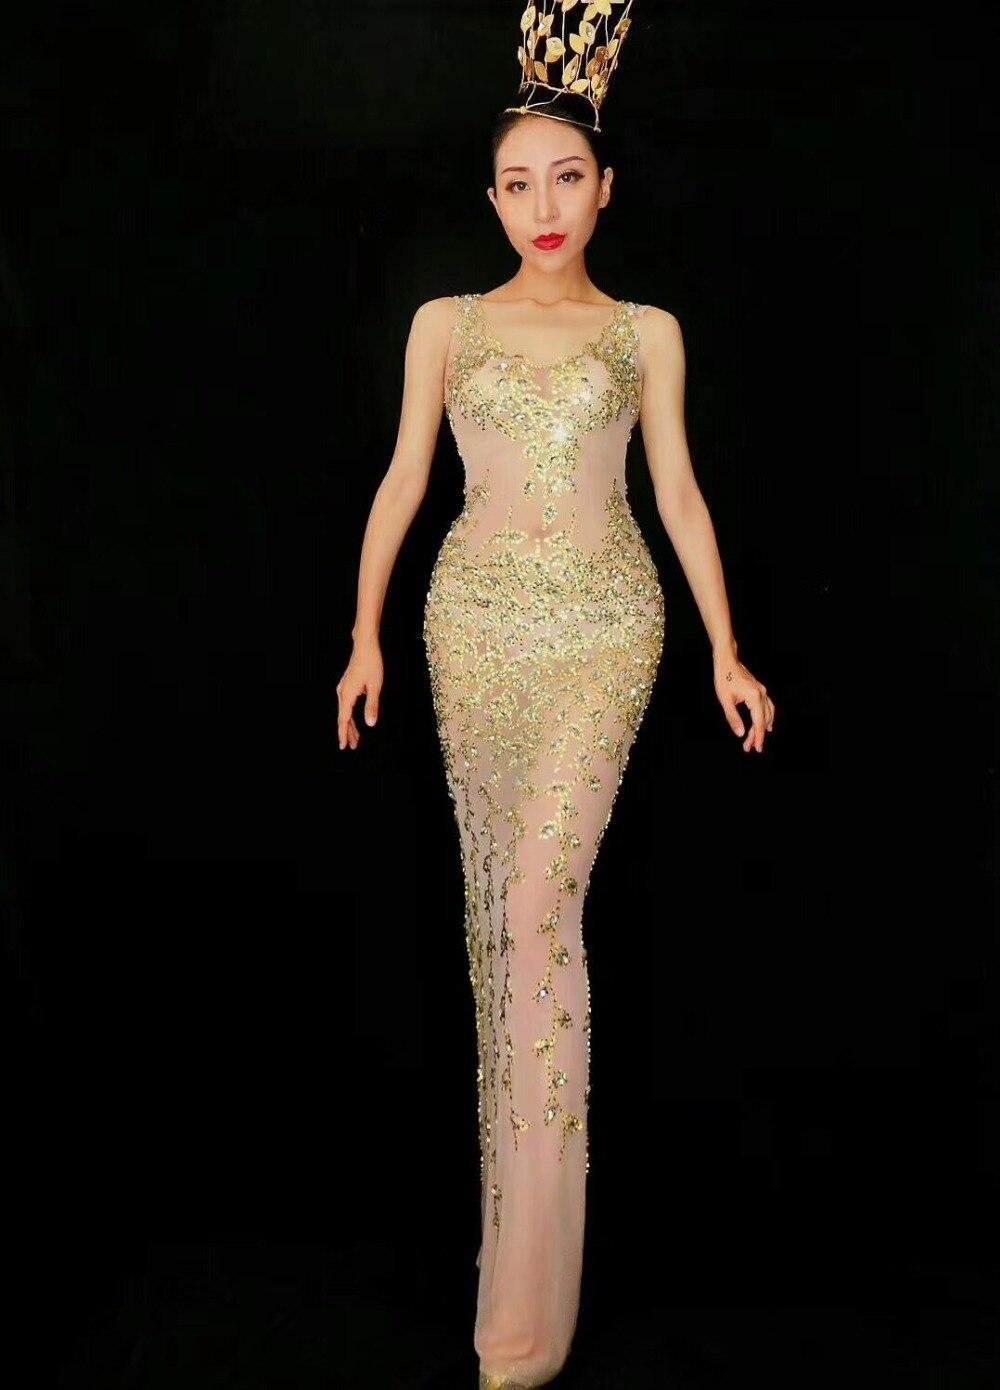 2019 femmes nouvelle mode brillant RhinestonesNet fil Transparent Cool Sexy longue robe femme chanteuse célébrer tenue de soirée robe - 4